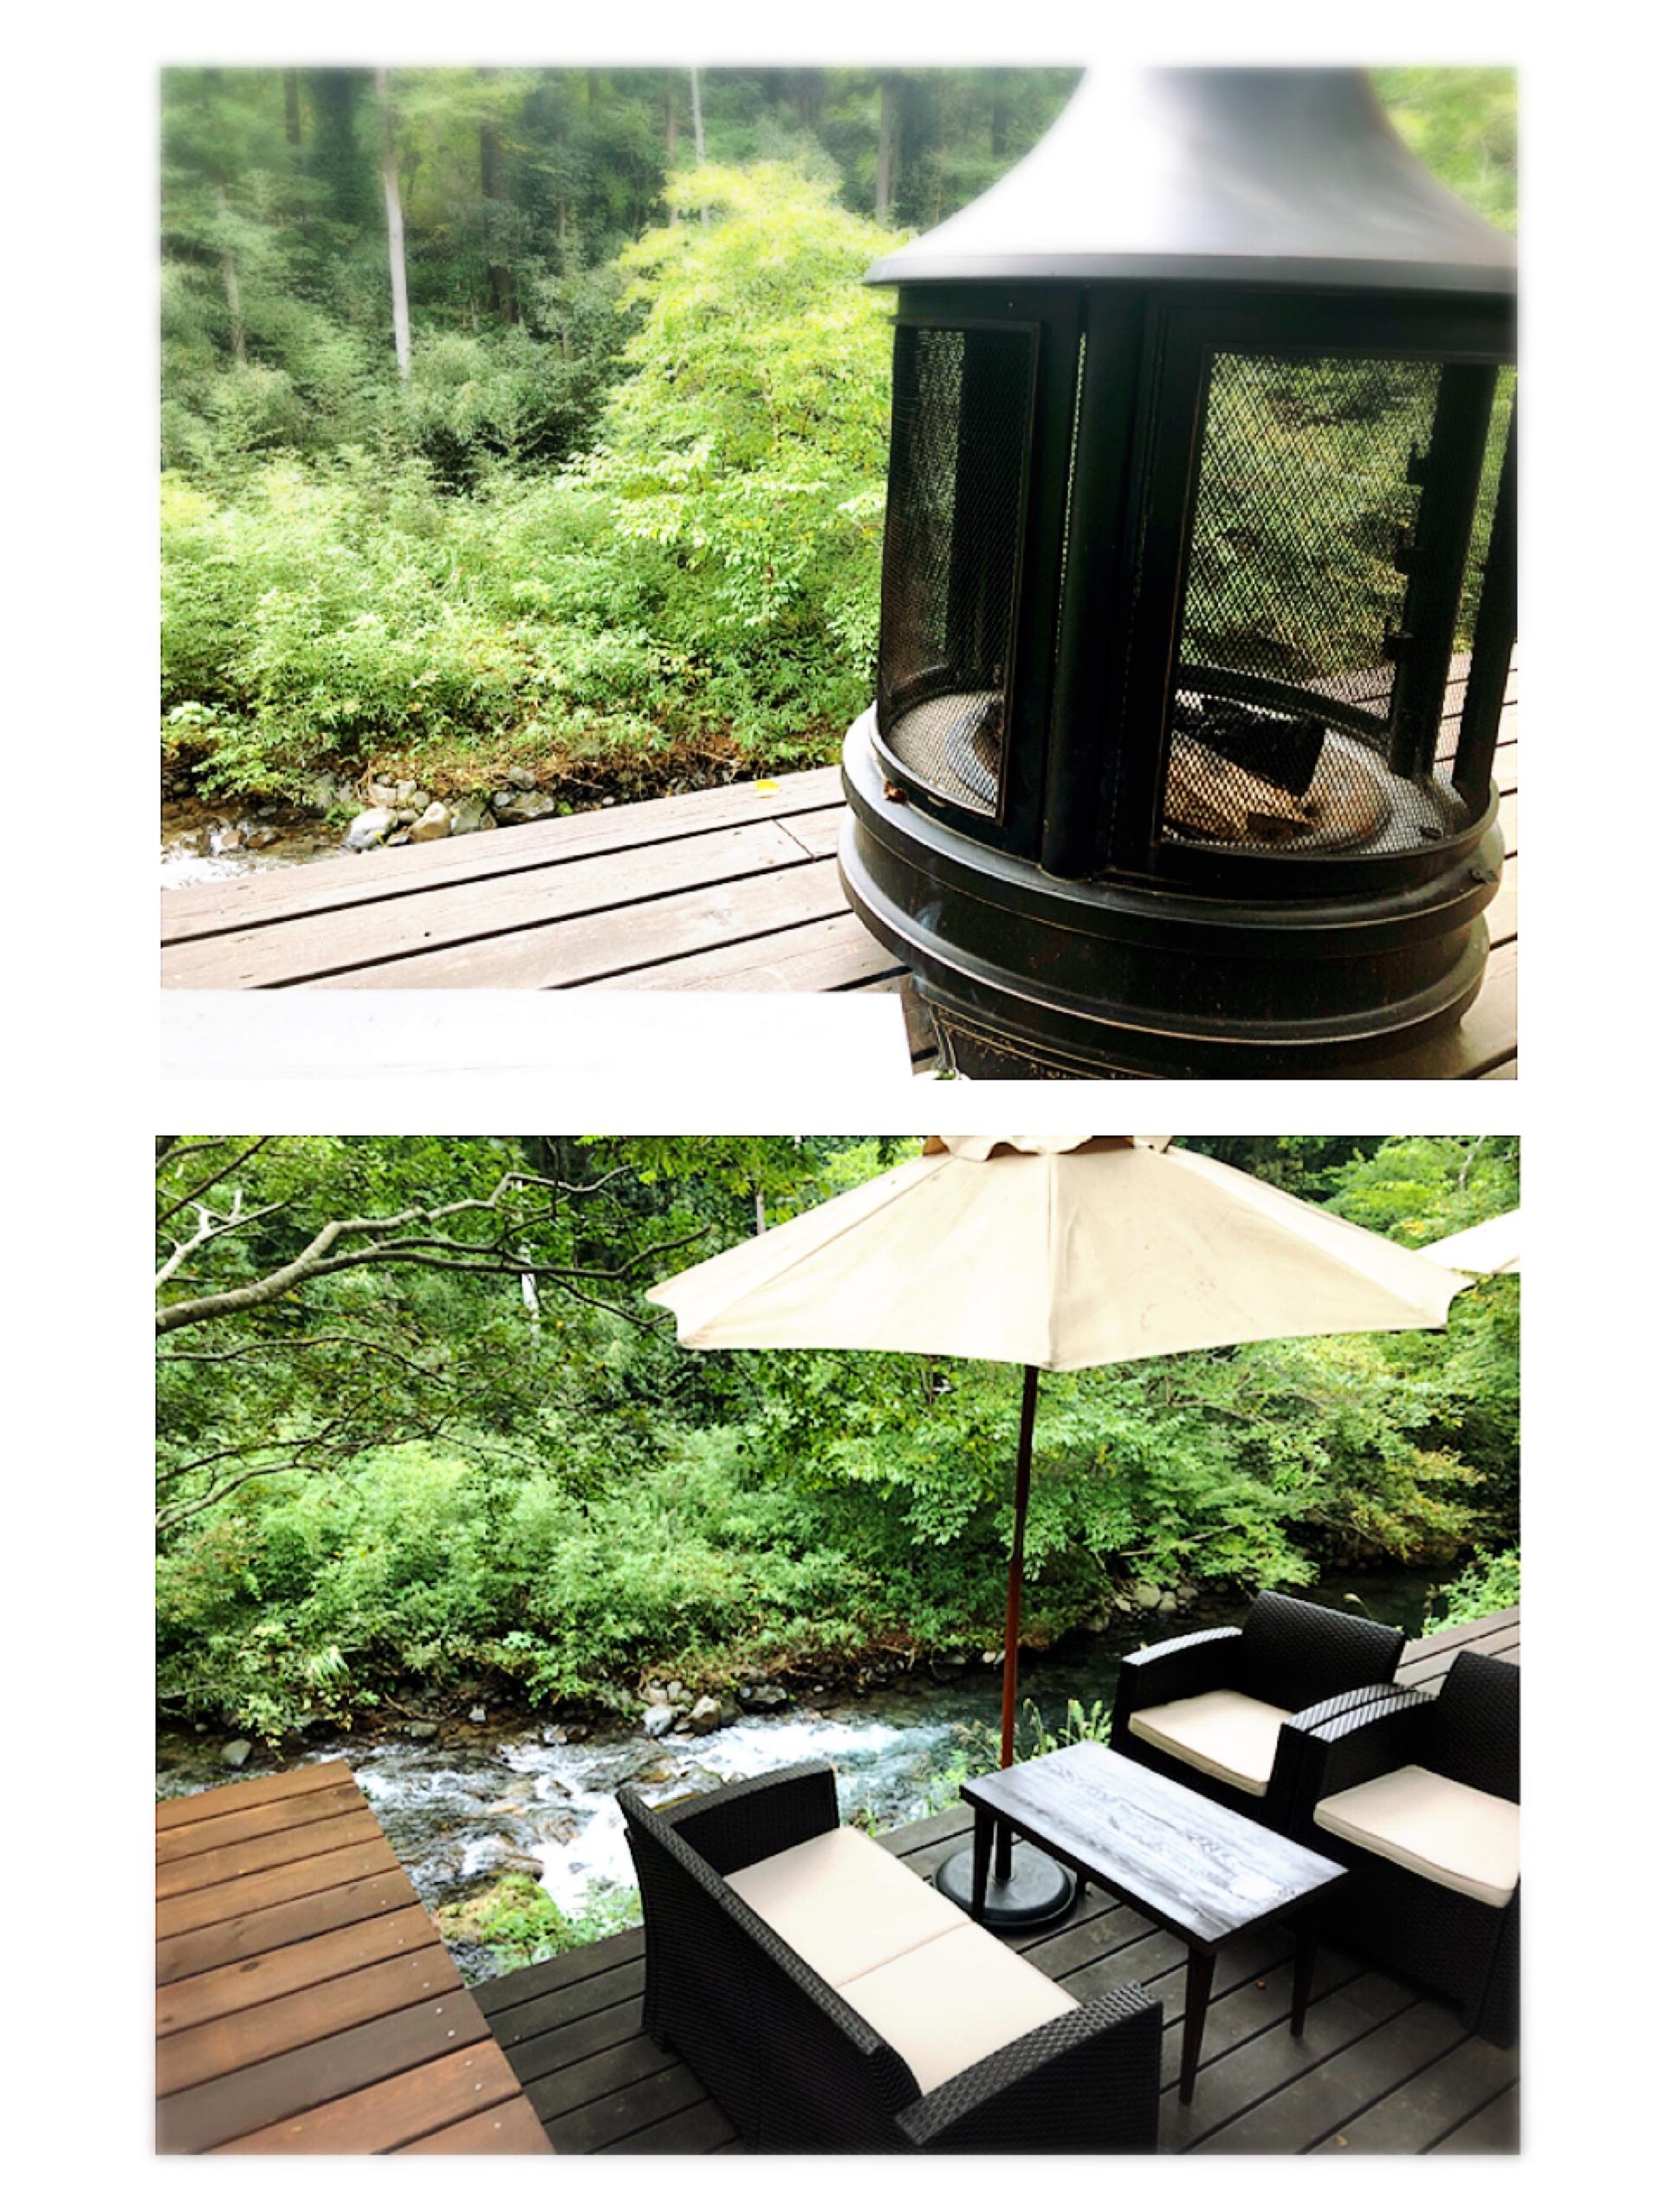 【#伊豆】渓流を眺めながら川床テラス席でリラックス♩静岡県産の抹茶が魅力!自然に癒されのんびりティータイムを☕︎_5